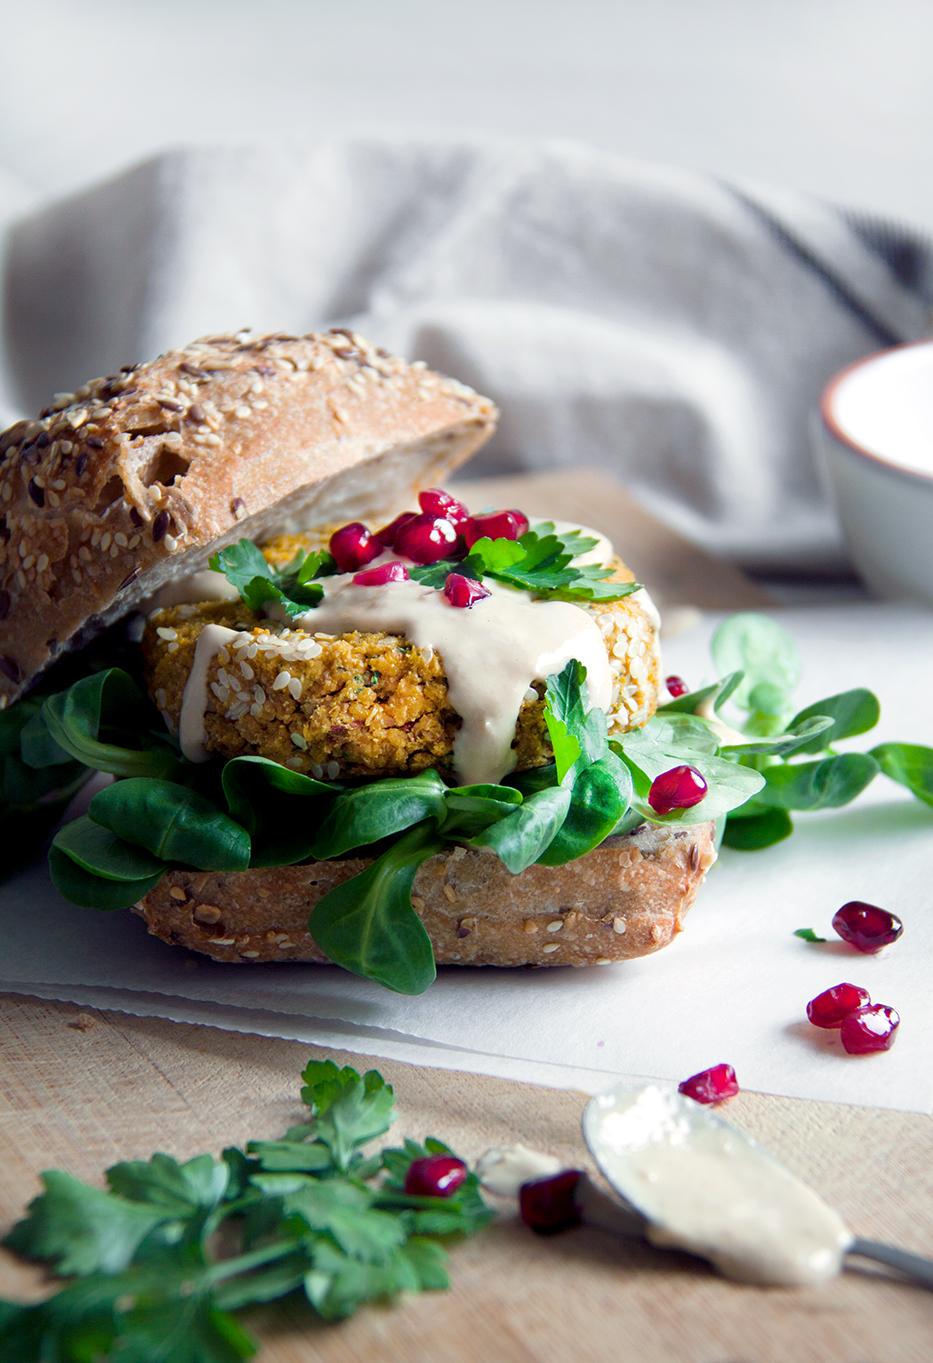 falafelburgers-zoete-aardappel-vegan-whole-foods-vetvrij-02.jpg